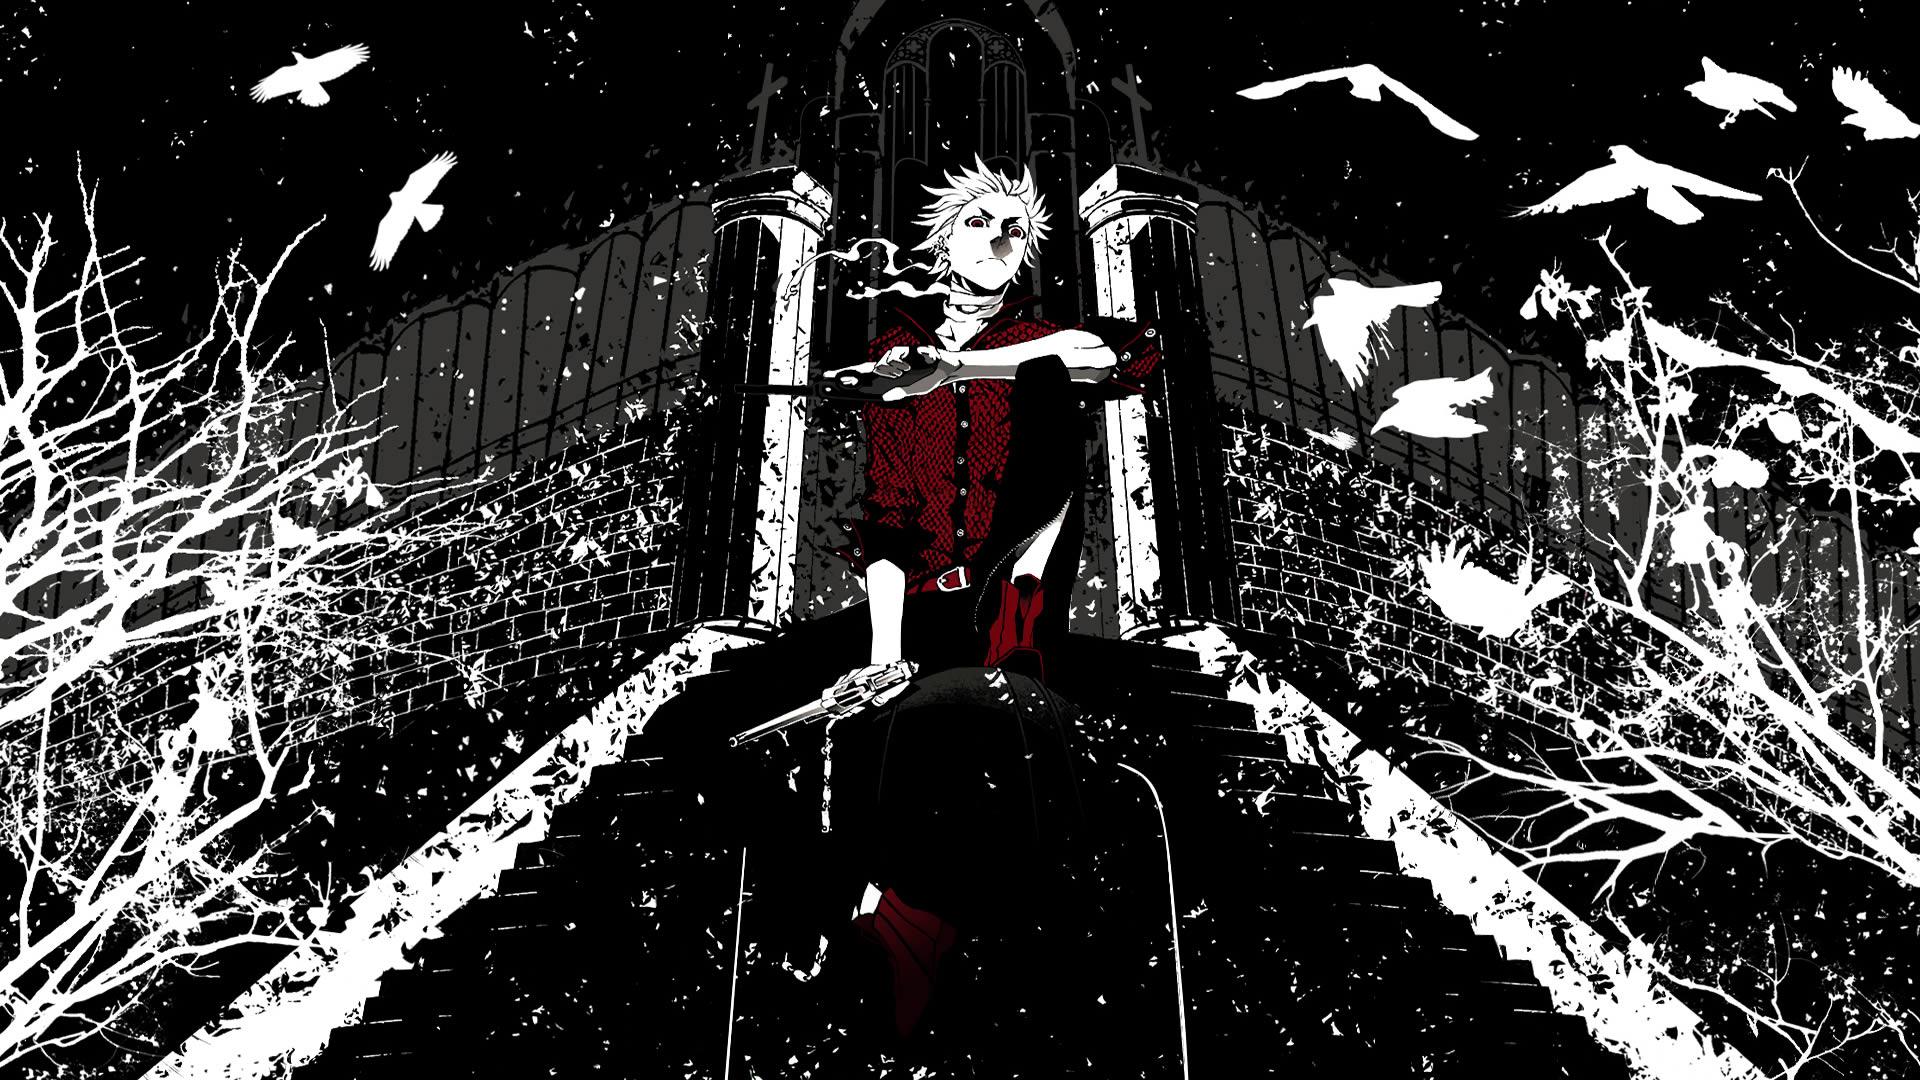 wallpaper desktop animewallpaper3 anime 1920x1080